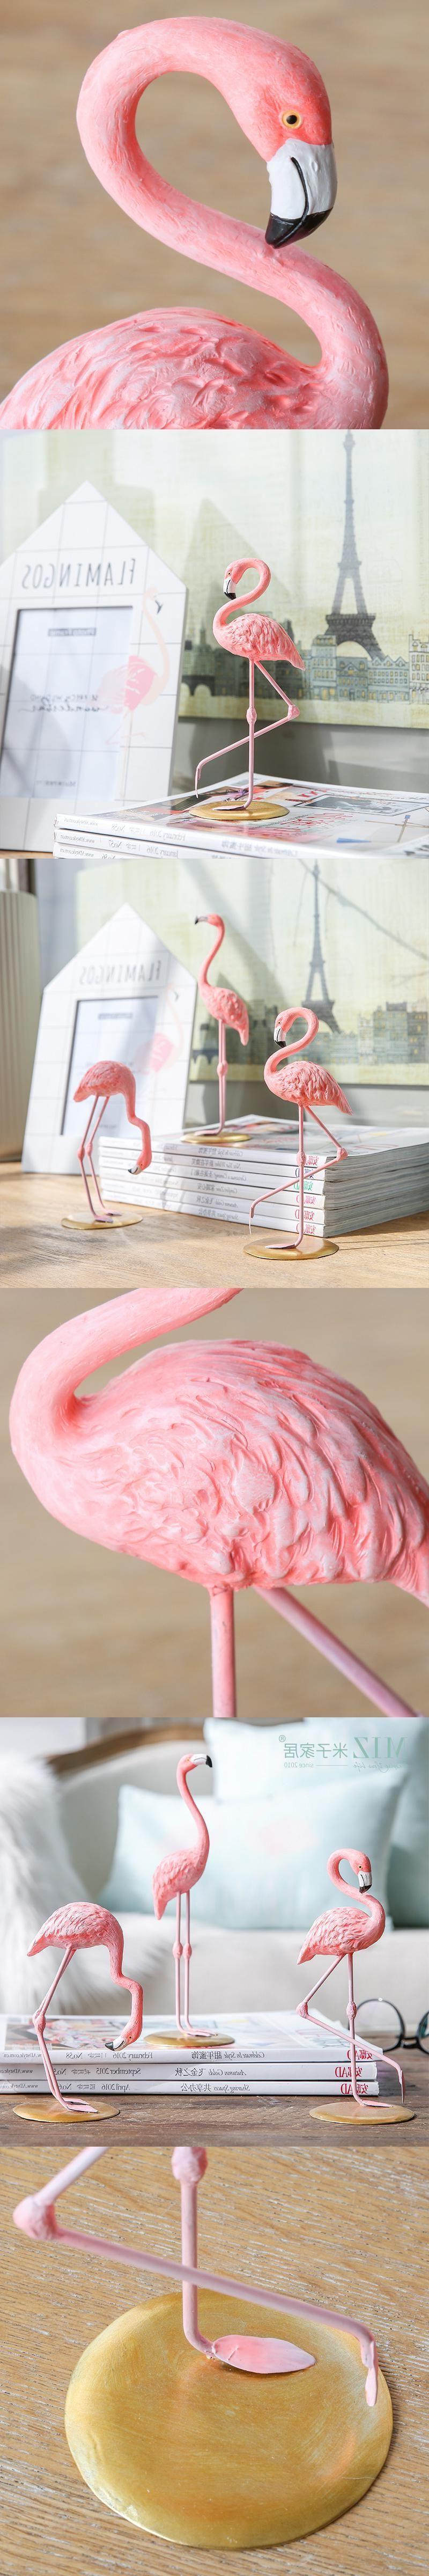 Flamingo Deko Ideen für Wohnzimmer Einrichtung